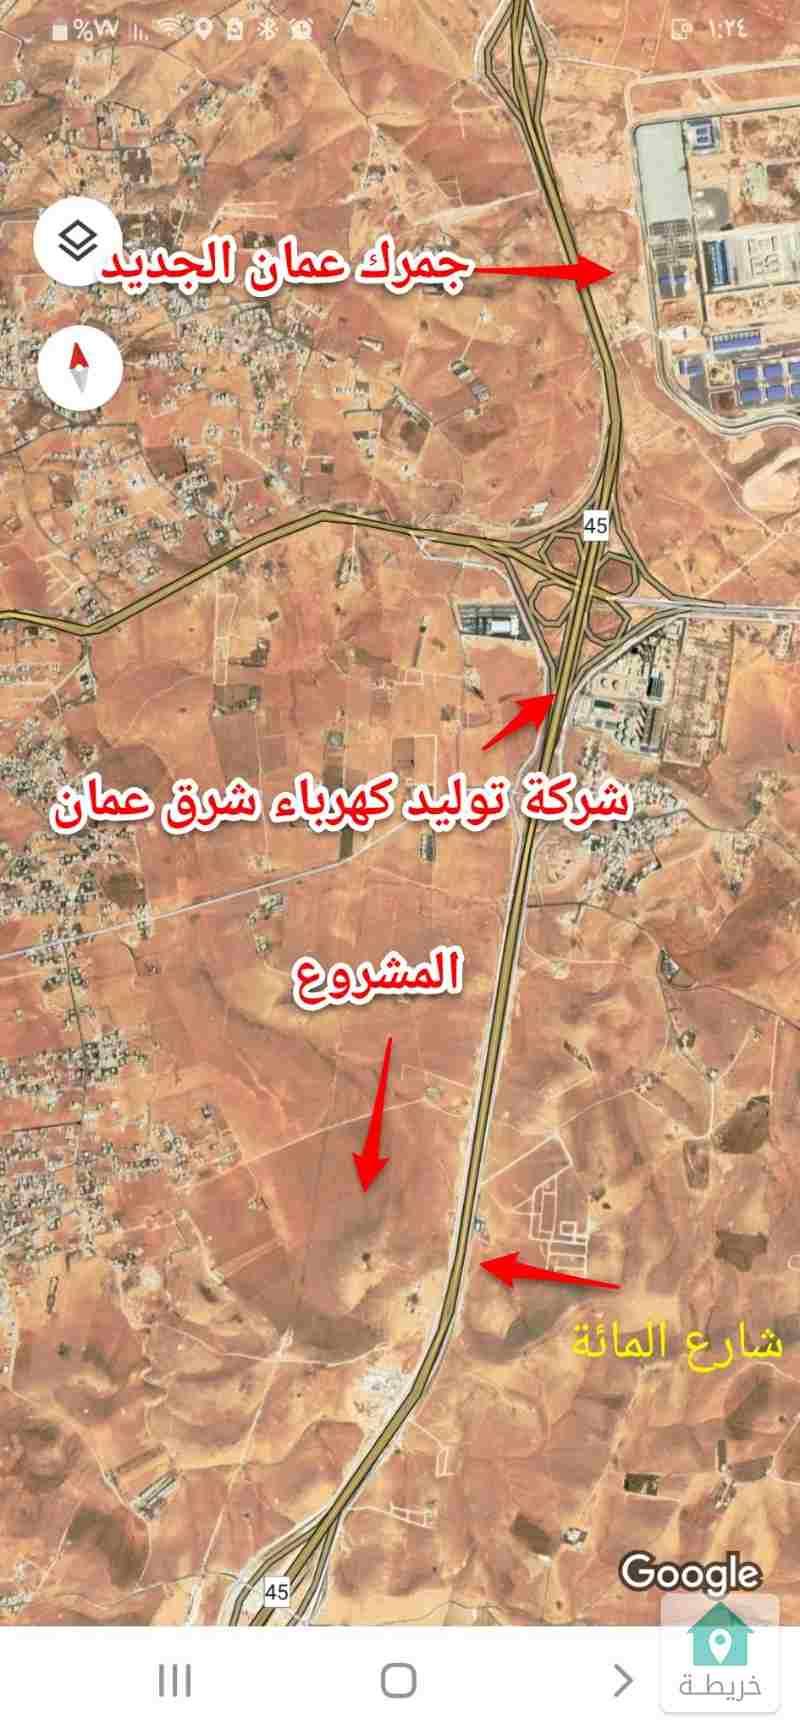 ارض بالاقساط في منطقة احد/عمان